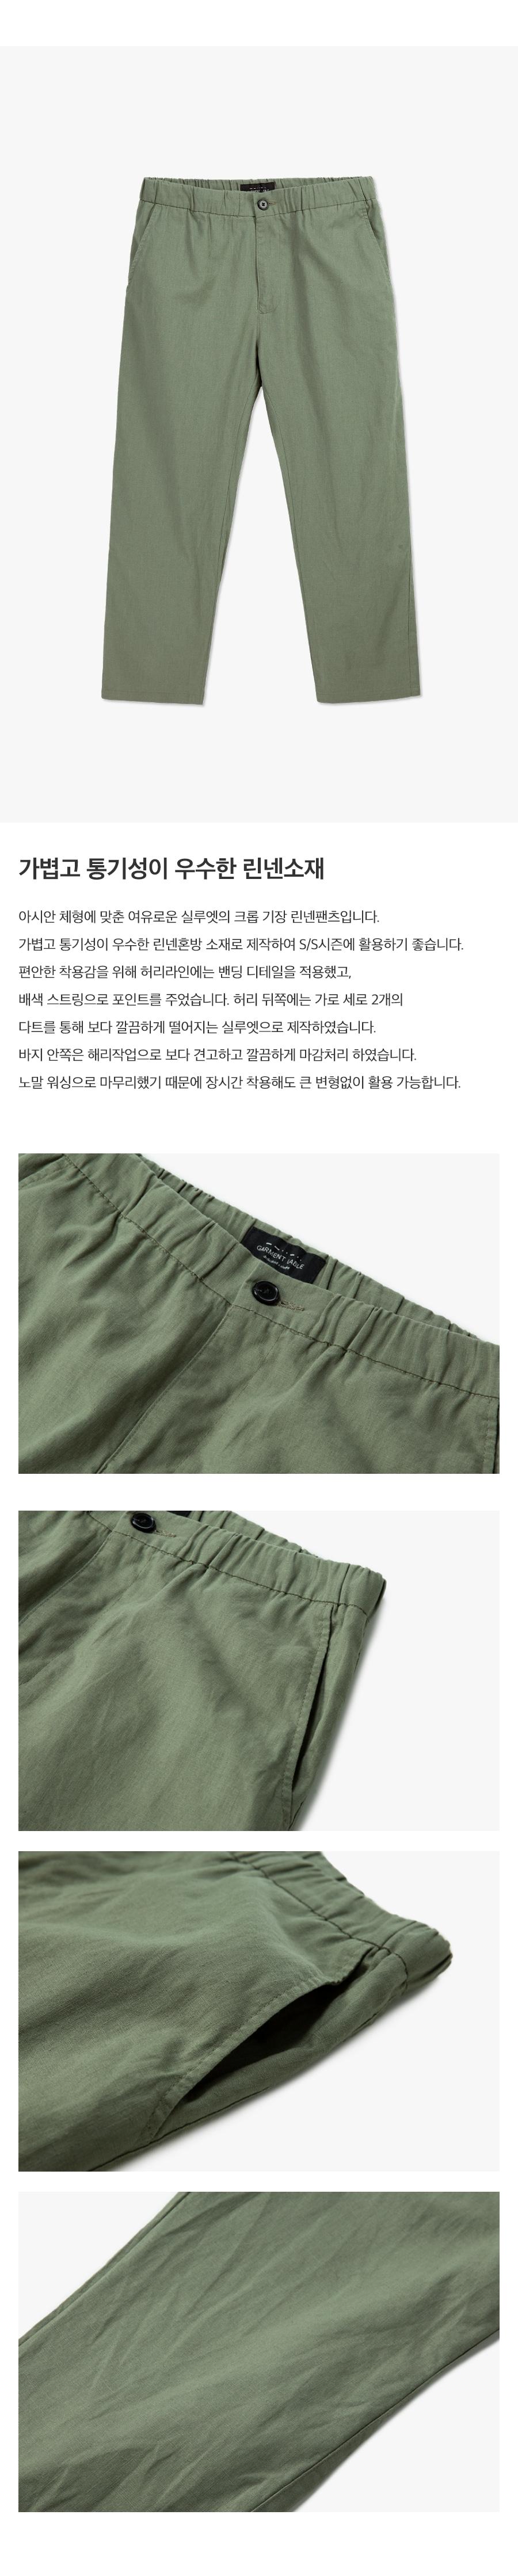 가먼트레이블(GARMENT LABLE) Linen Tapered Banding Pants - Khaki